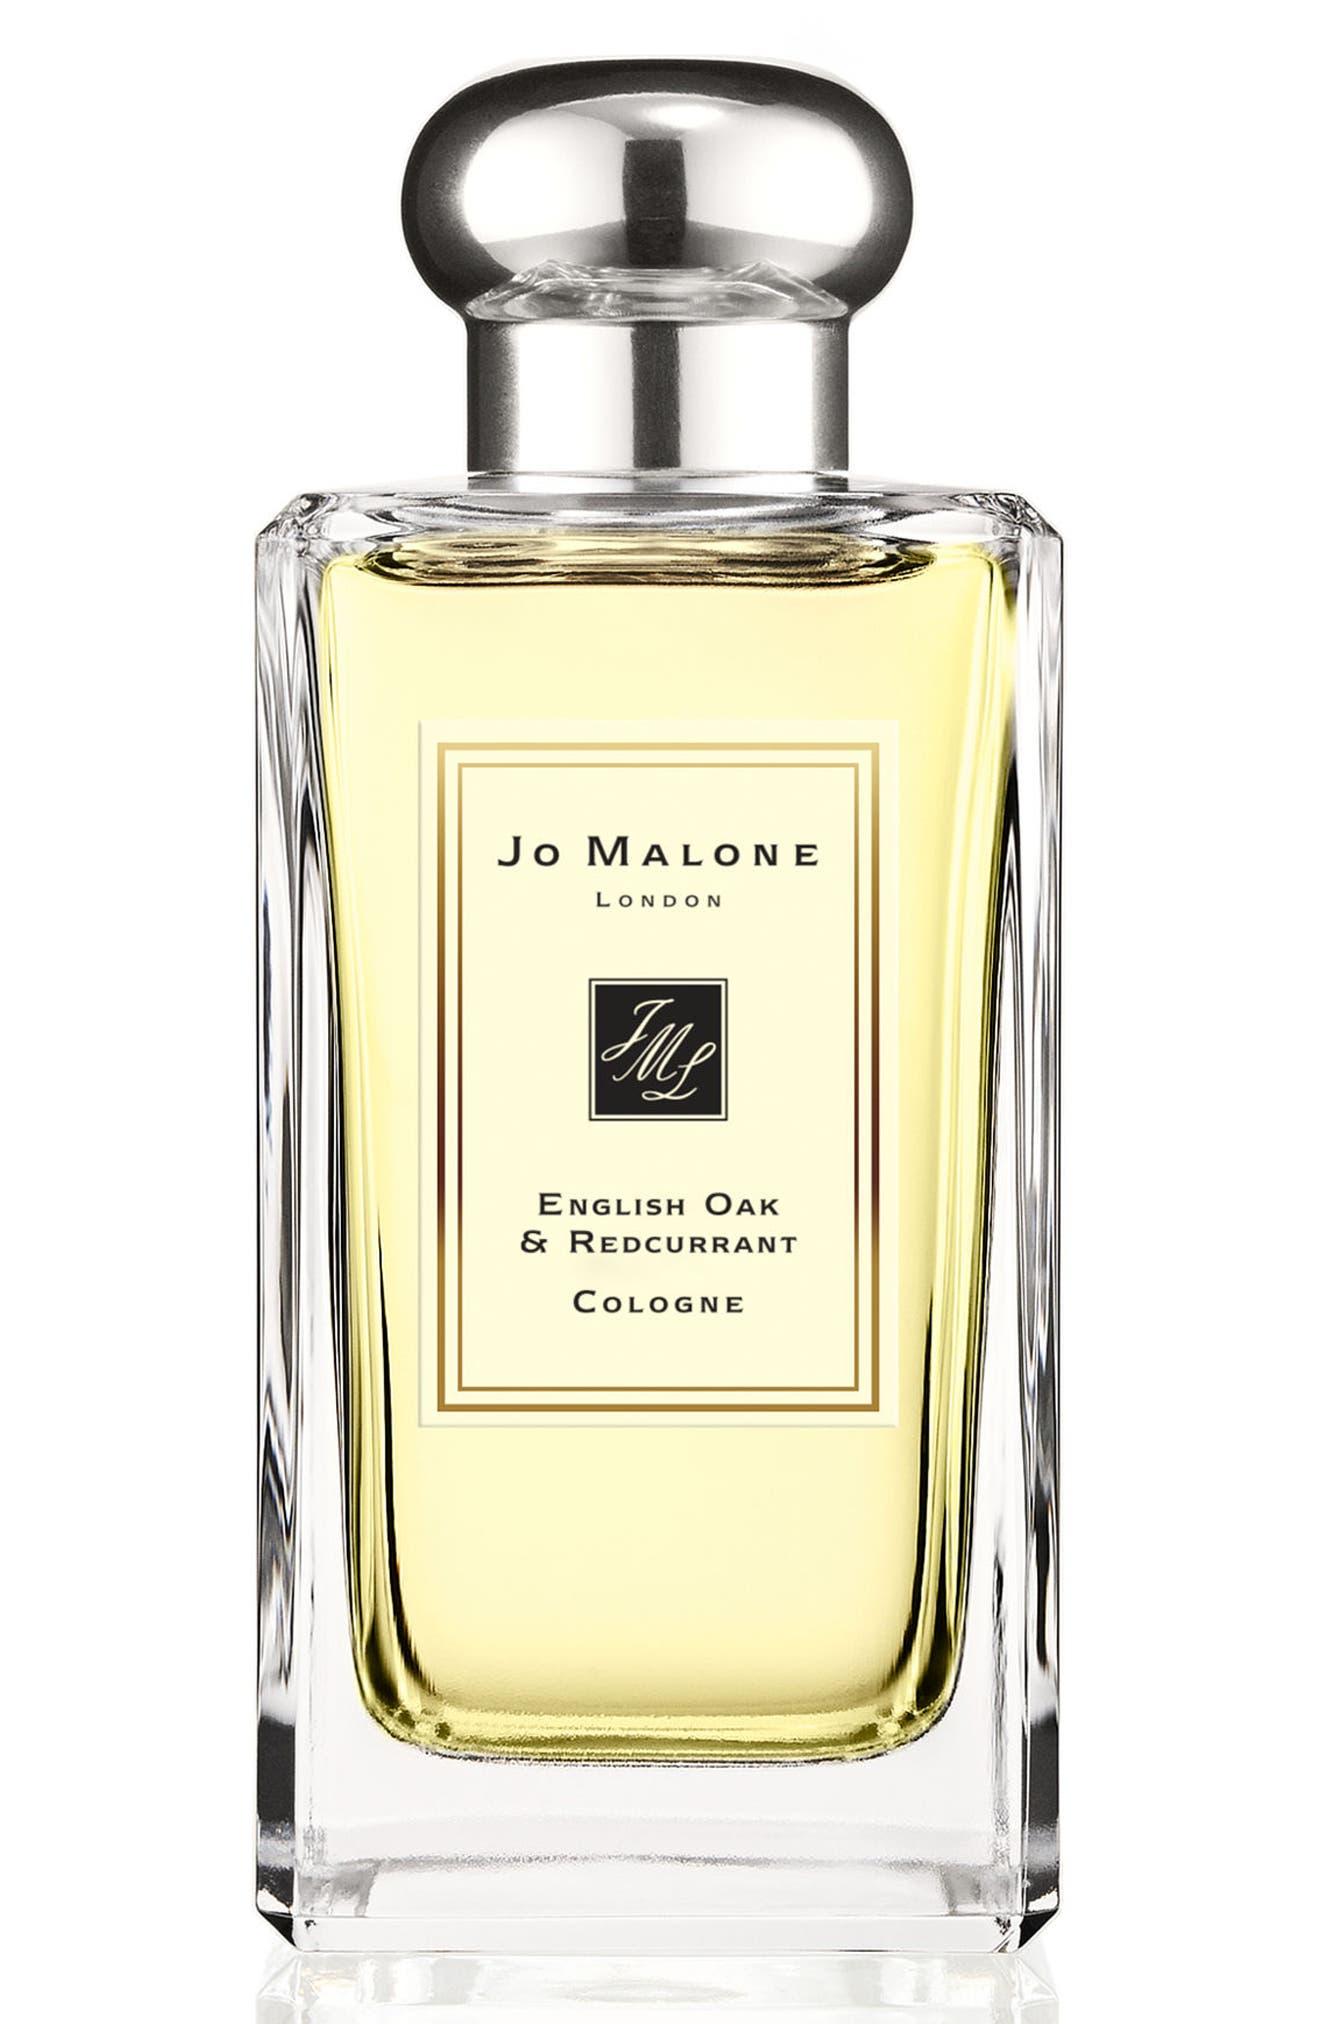 Jo Malone London™ English Oak & Redcurrant Cologne